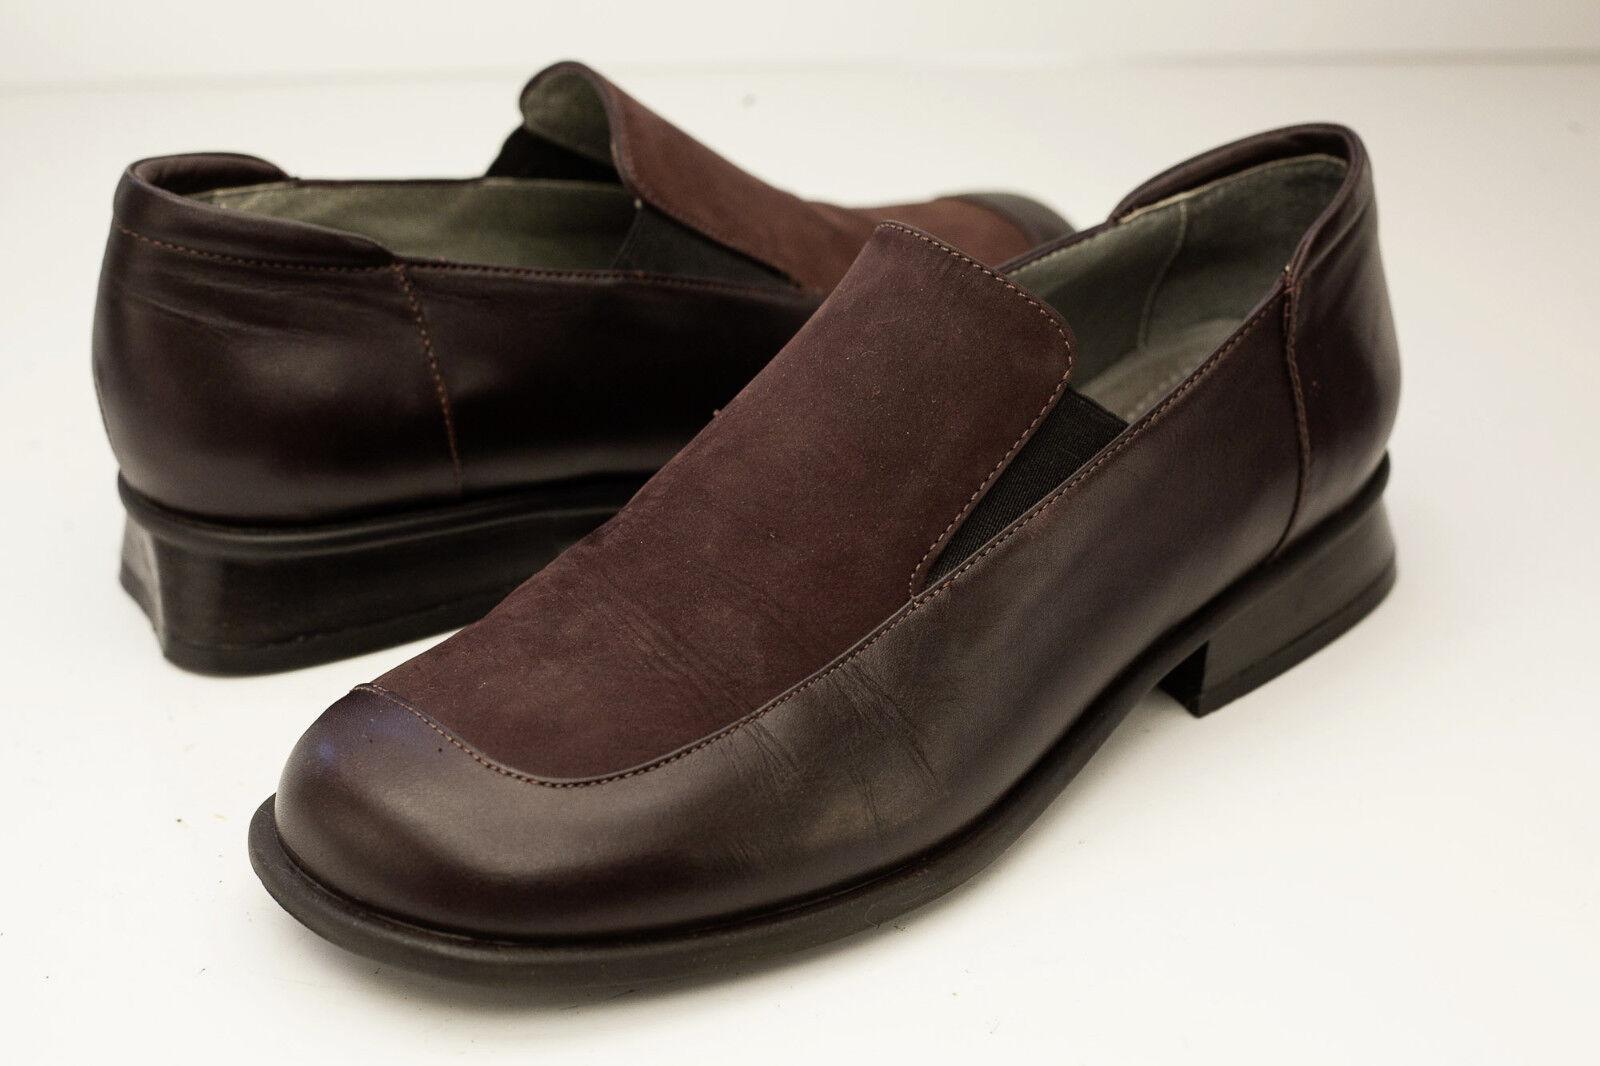 Beautifeel 6.5 Brown Slip On Women's Shoes